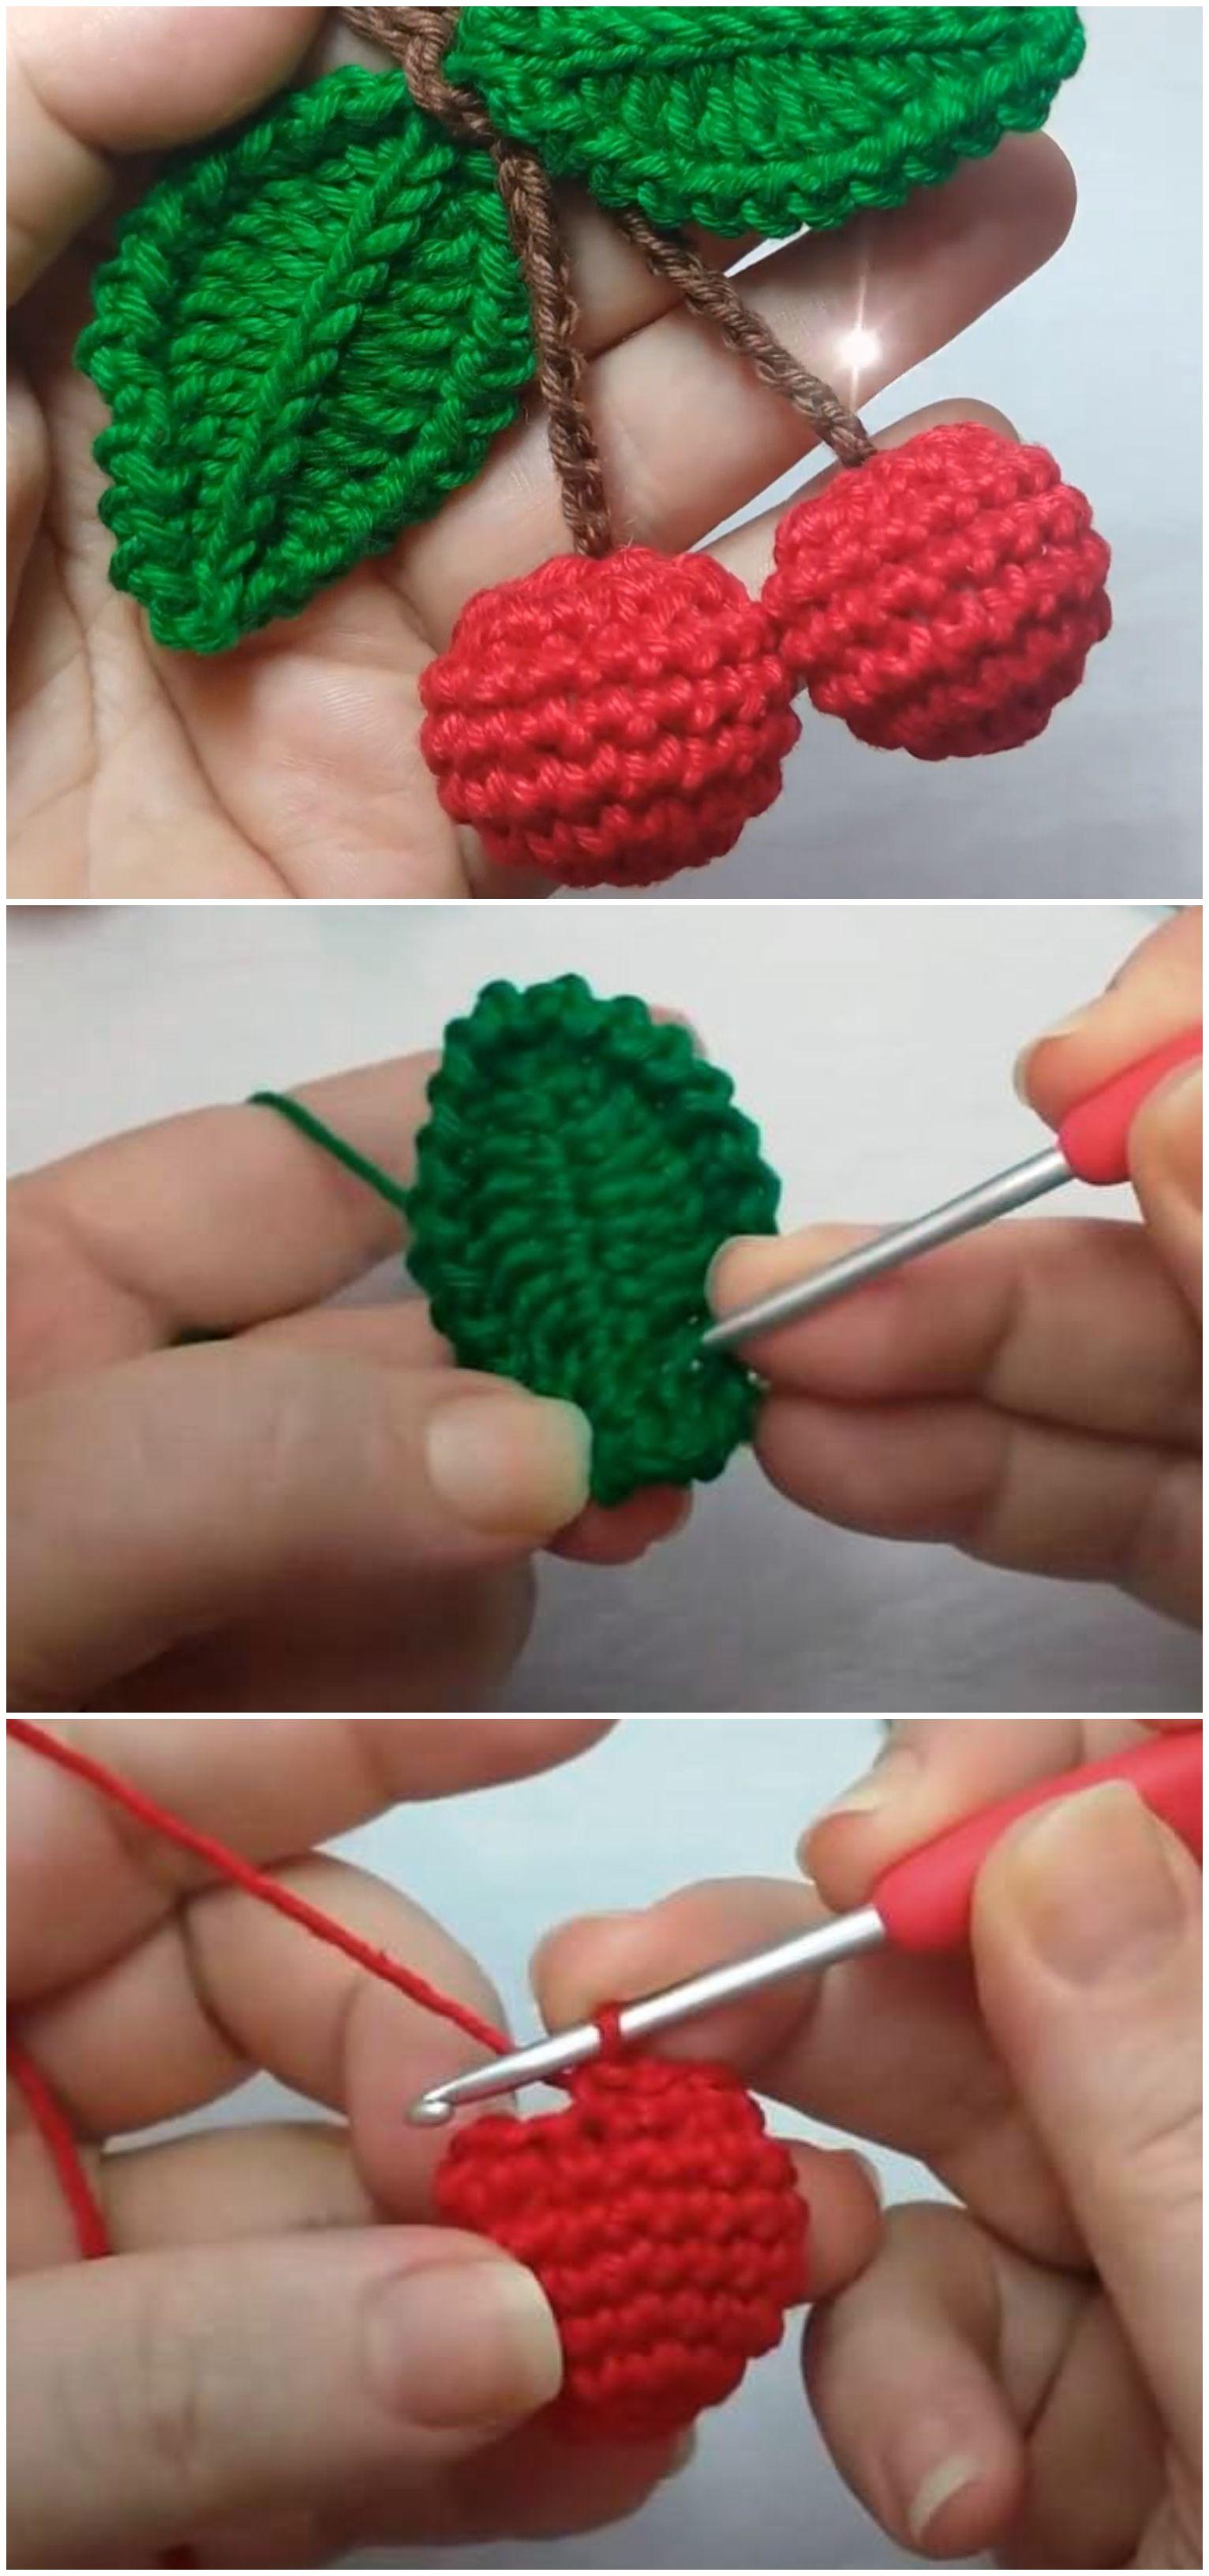 Crochet Cherry Applique - We Love Crochet